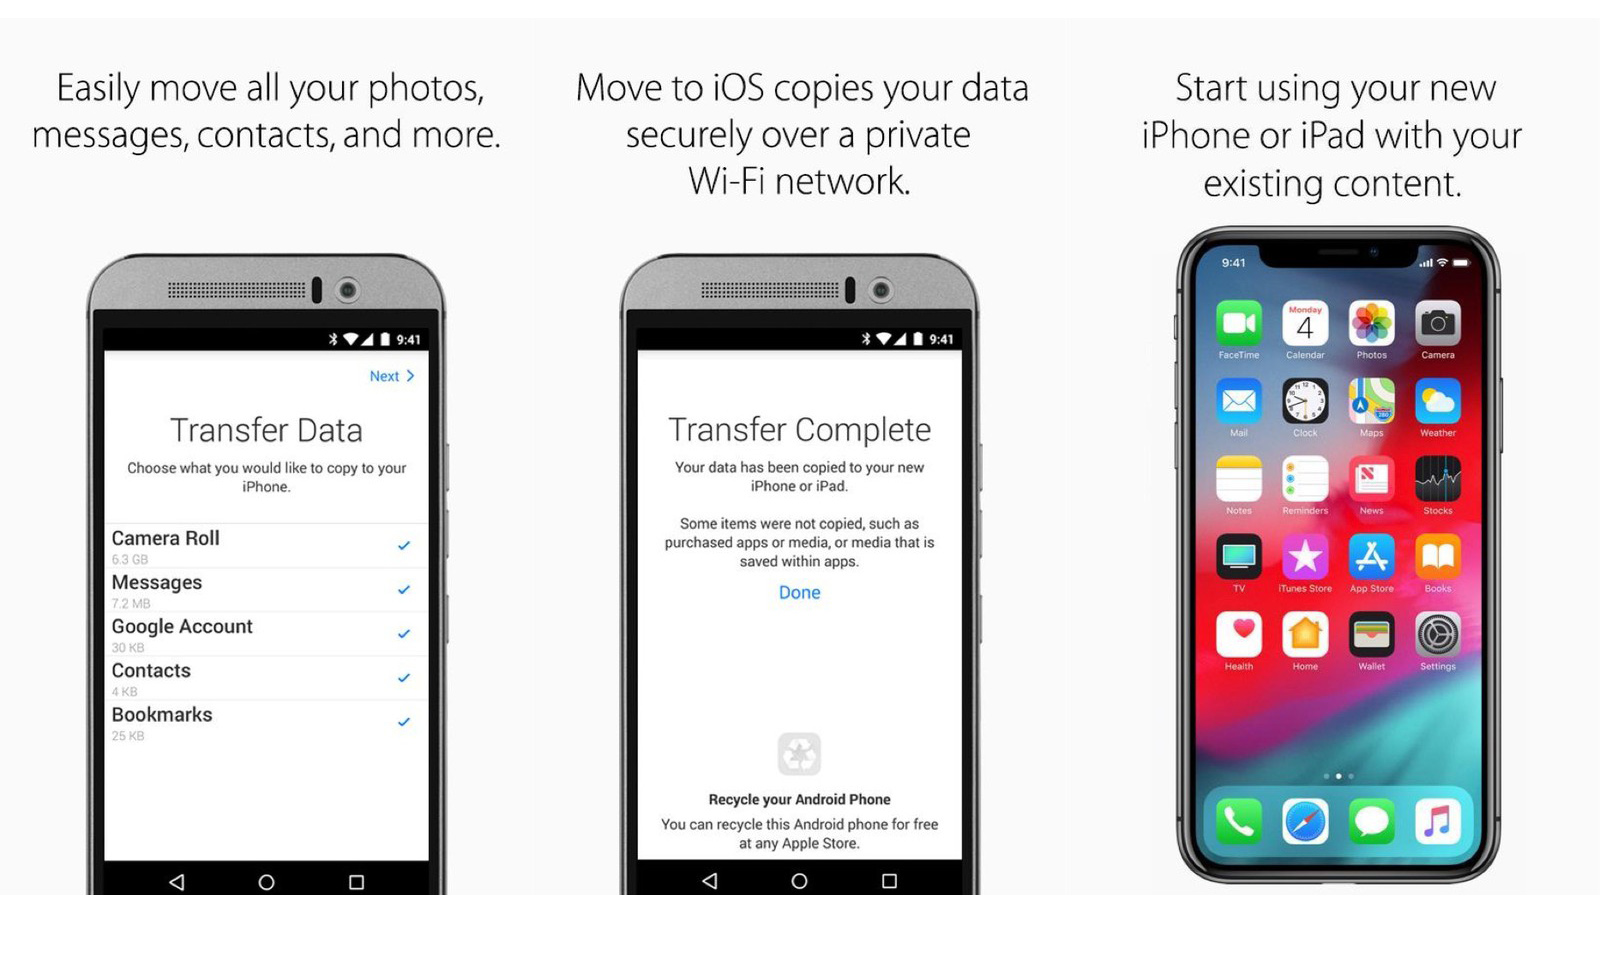 苹果升级「Move to iOS」,可迁移安卓设备文件和辅助设置